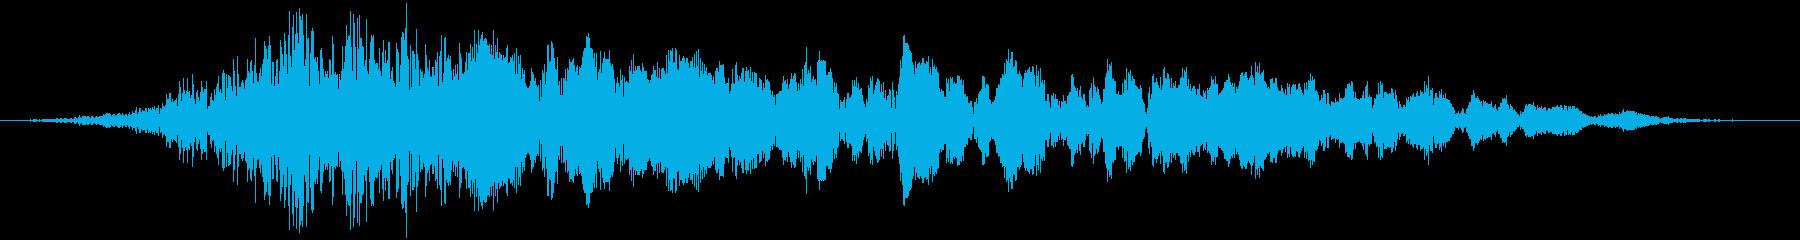 ダークな雰囲気のタイトル(SF・ホラー)の再生済みの波形